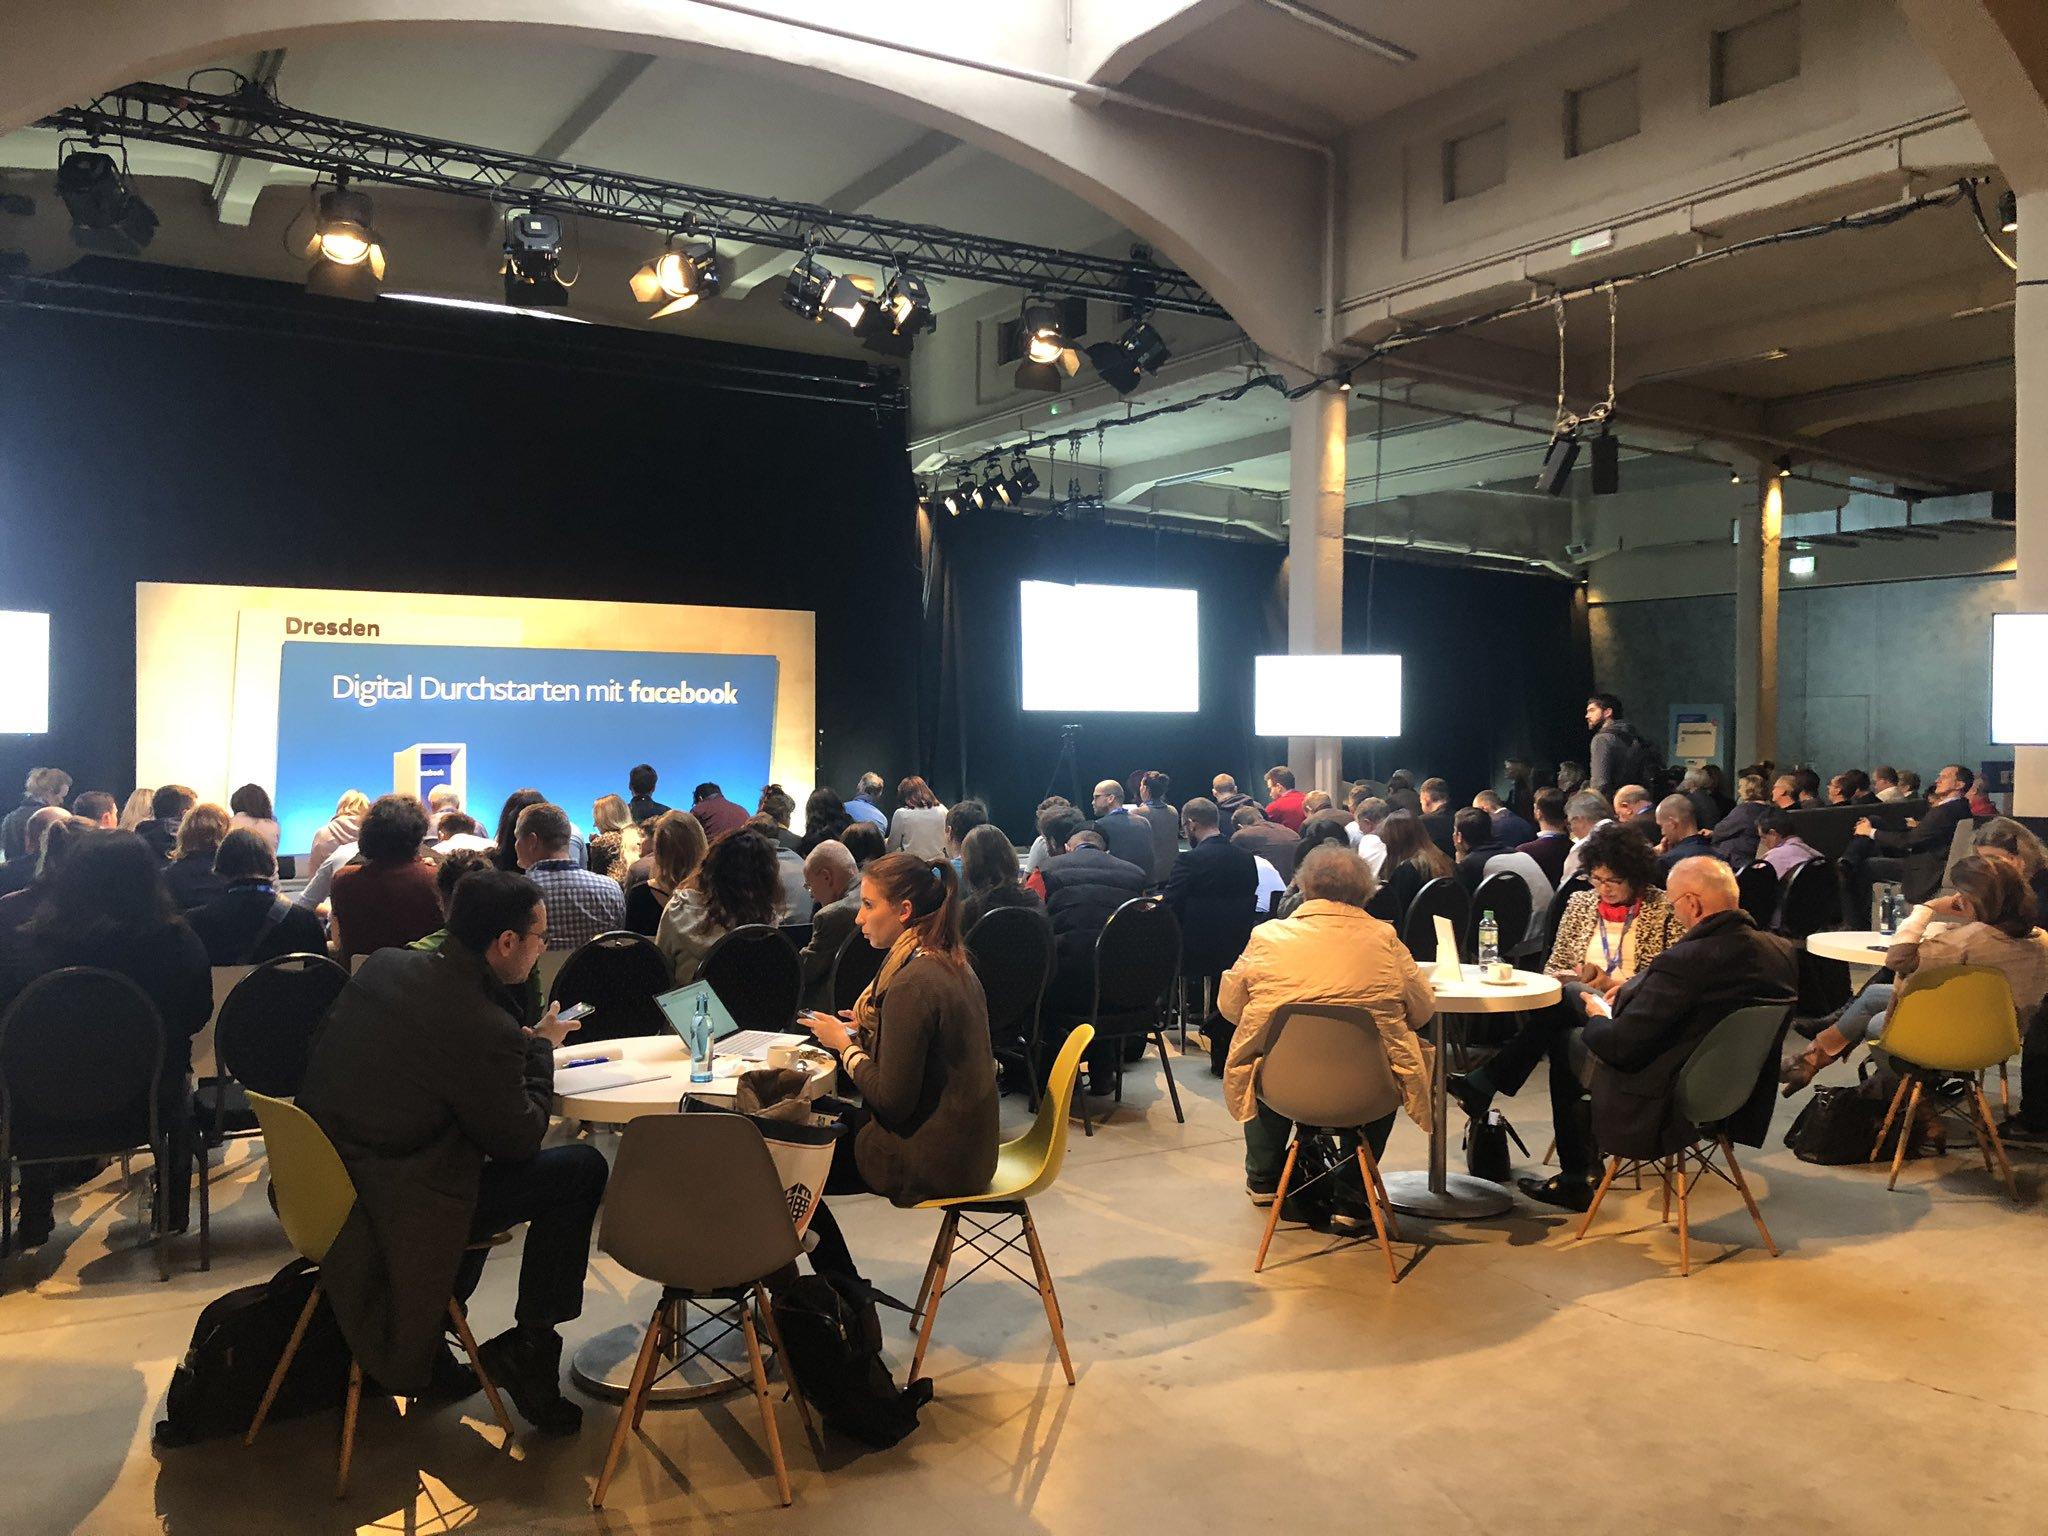 """Mehrere hundert Menschen sitzen vor einer Bühne. Dort präsentiert Facebook bei """"Digital Durchstarten"""" Neuerungen und Tipps für Werbung bei Facebook."""